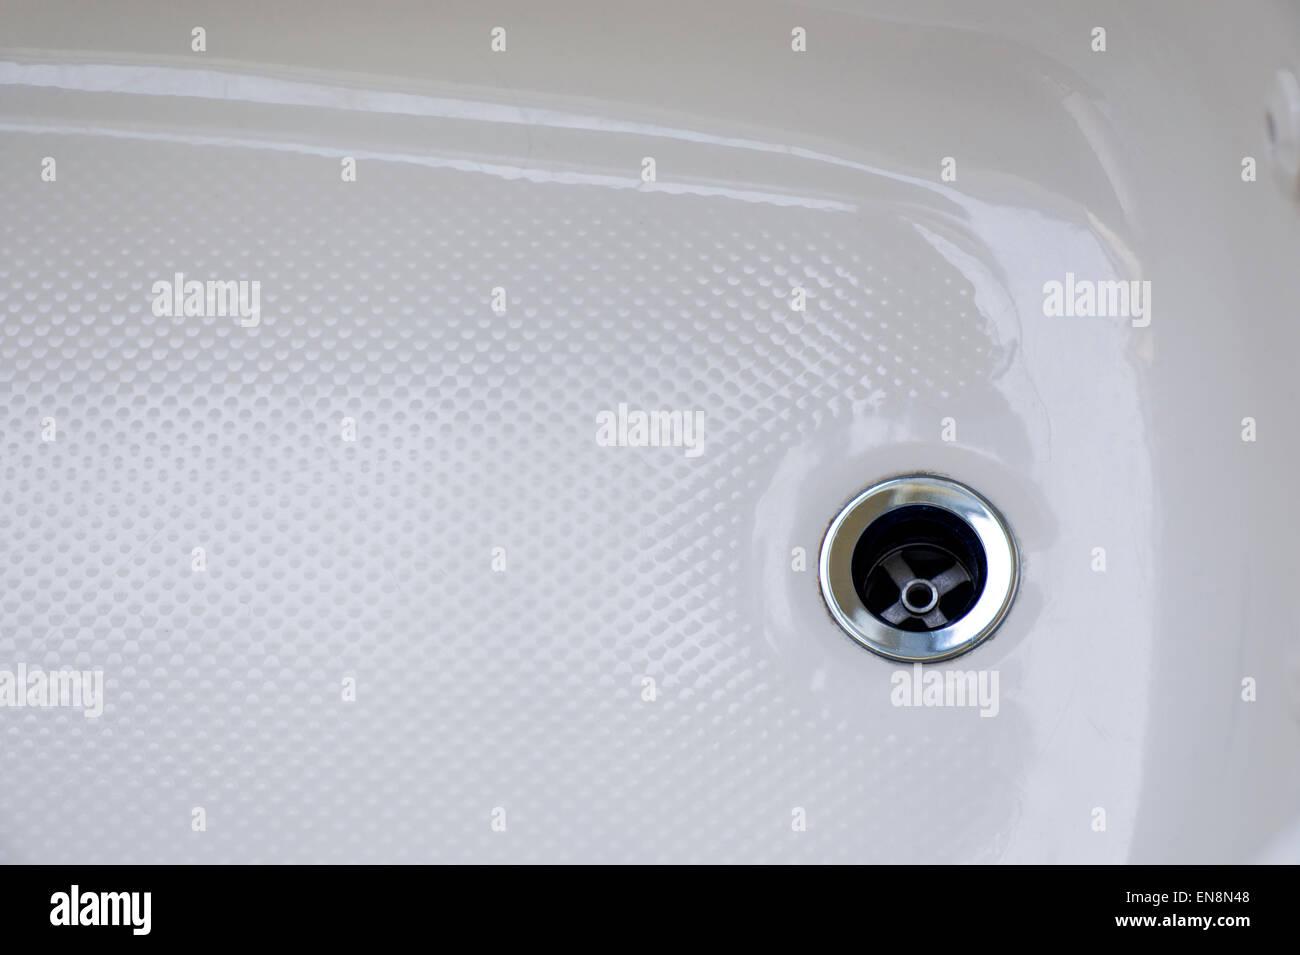 Chiudere Il Dispositivo Di Scarico In Una Ceramica Vasca Da Bagno